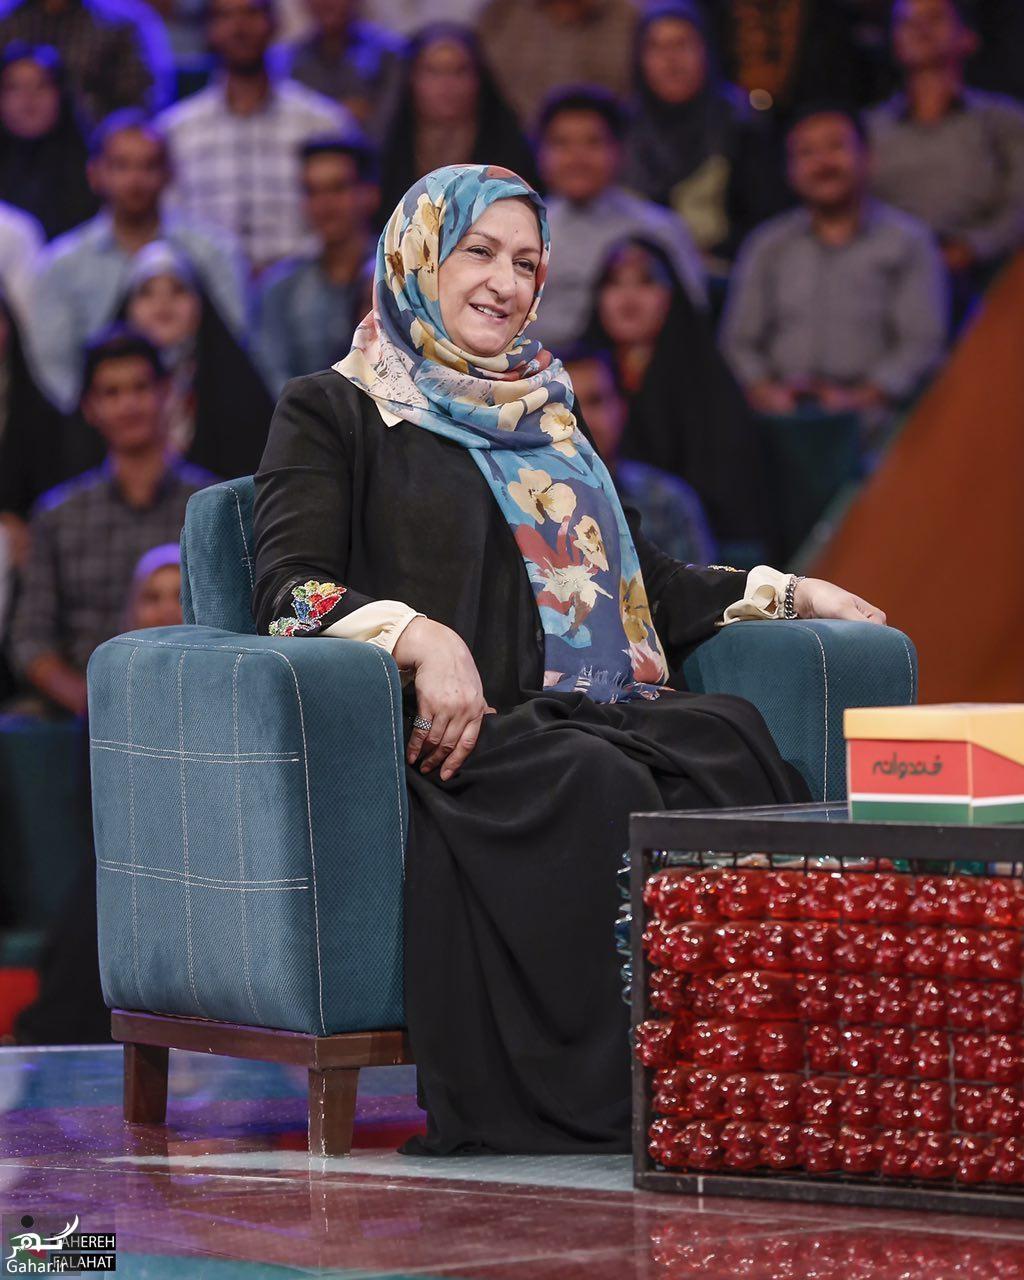 مریم امیر جلالی در خندوانه : مجید یاسر داماد من نیست, جدید 1400 -گهر